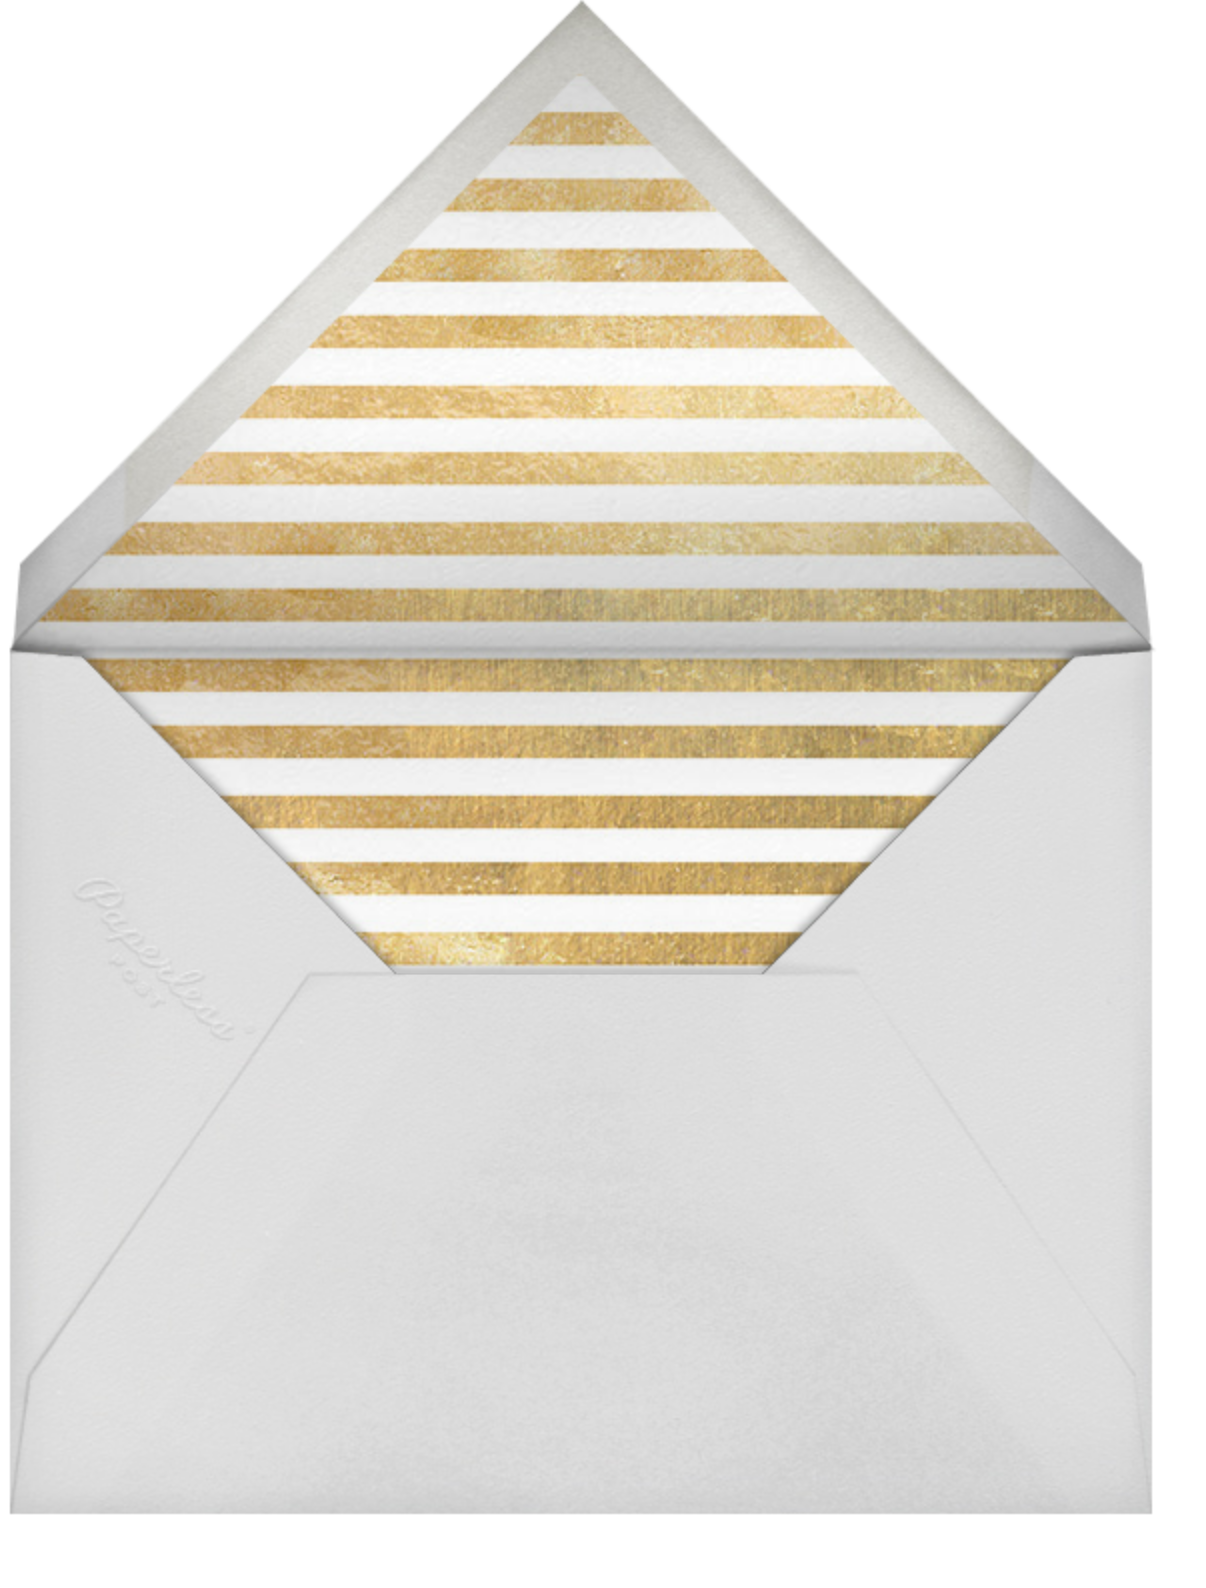 Gem - Aqua - kate spade new york - Bridal shower - envelope back